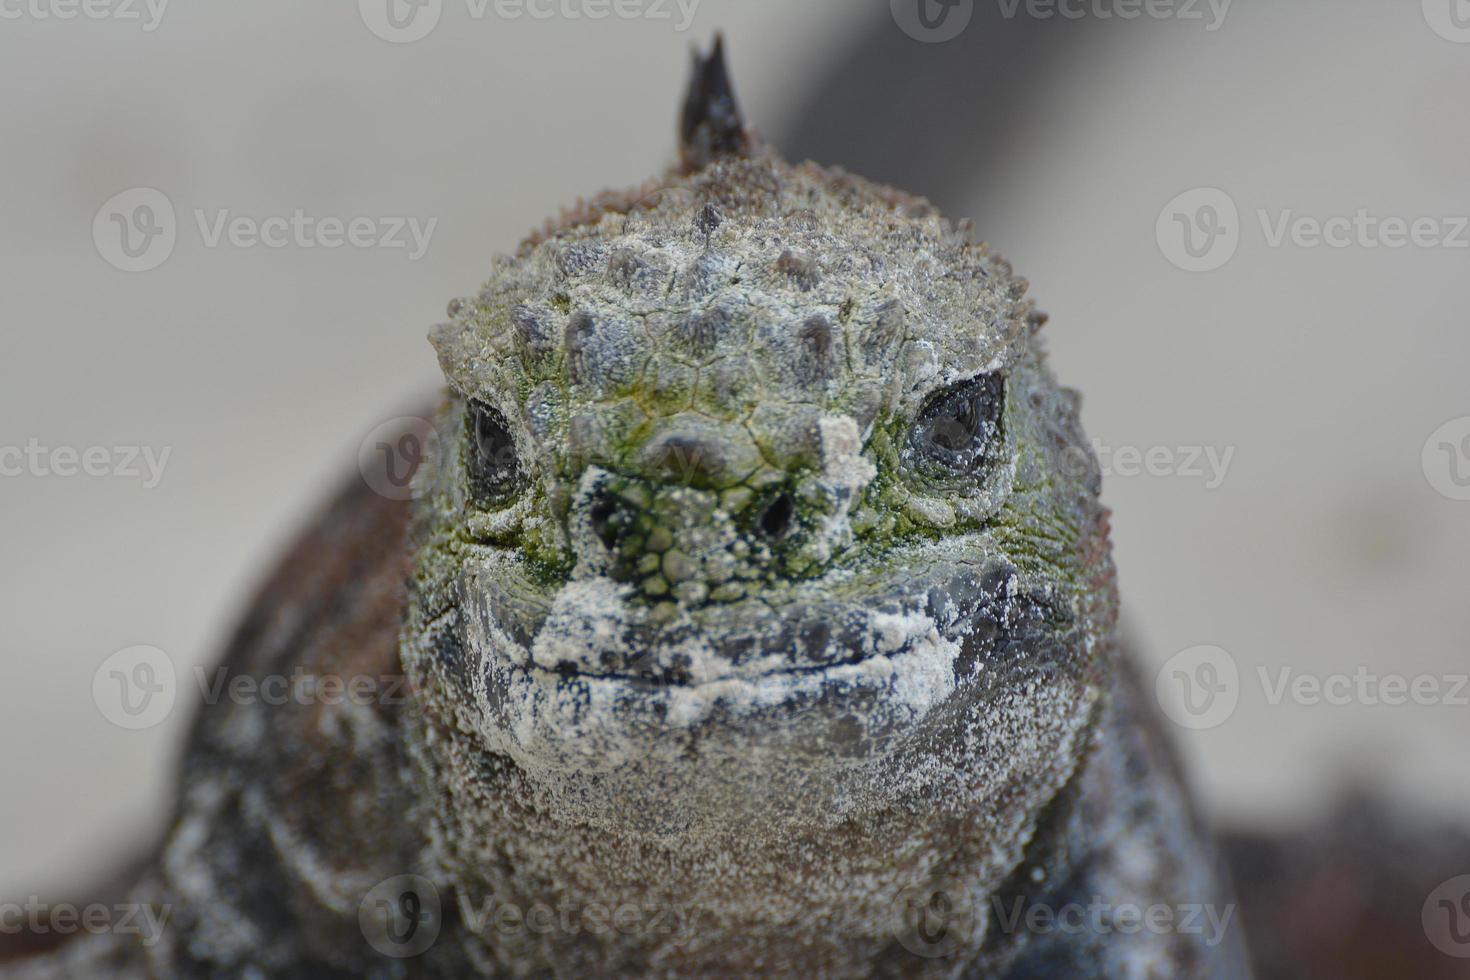 iguana marinha close-up foto